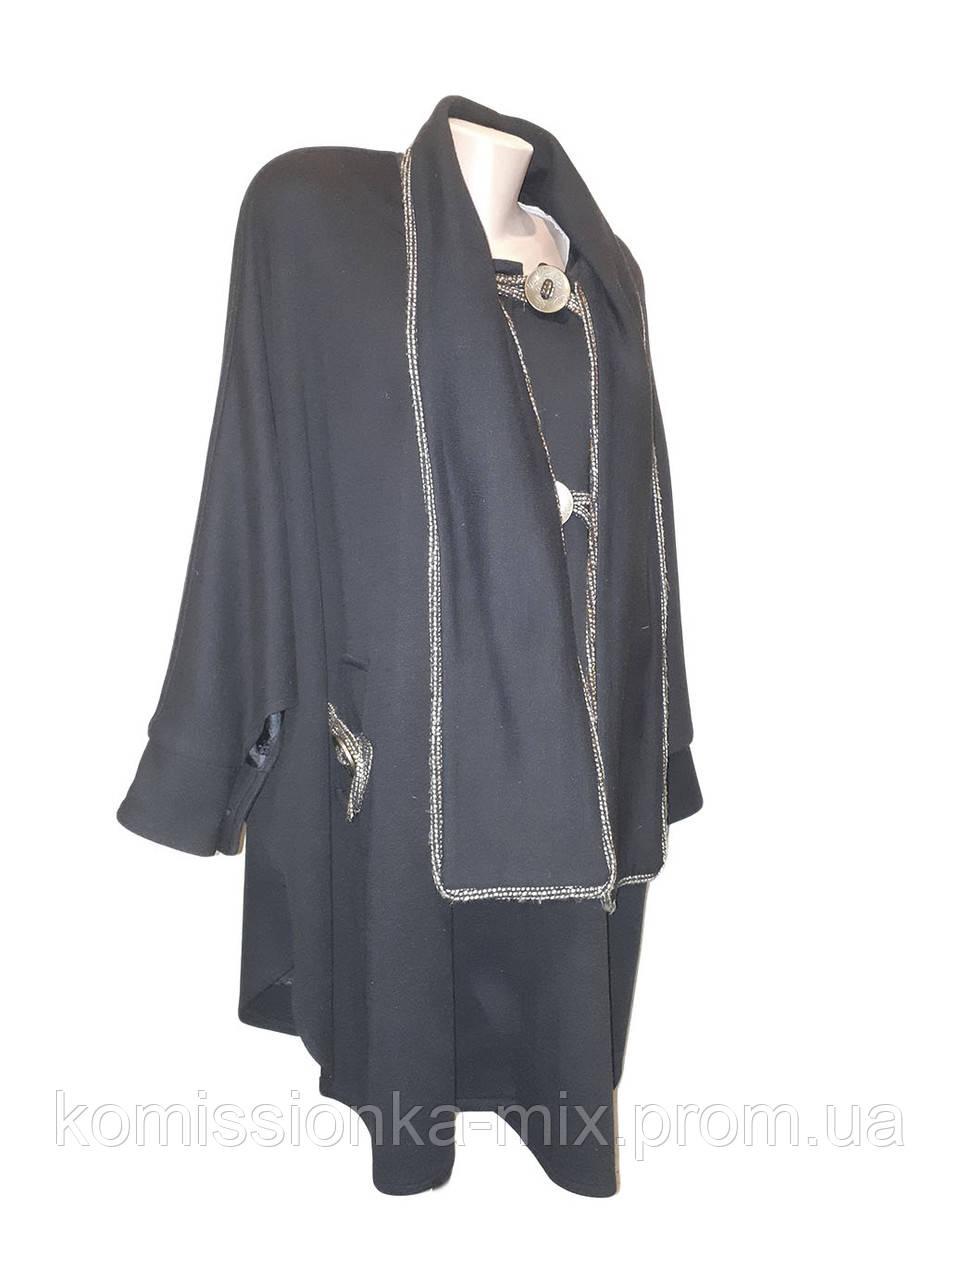 Пальто демисезонное шерстяное LIGRAND  б/у